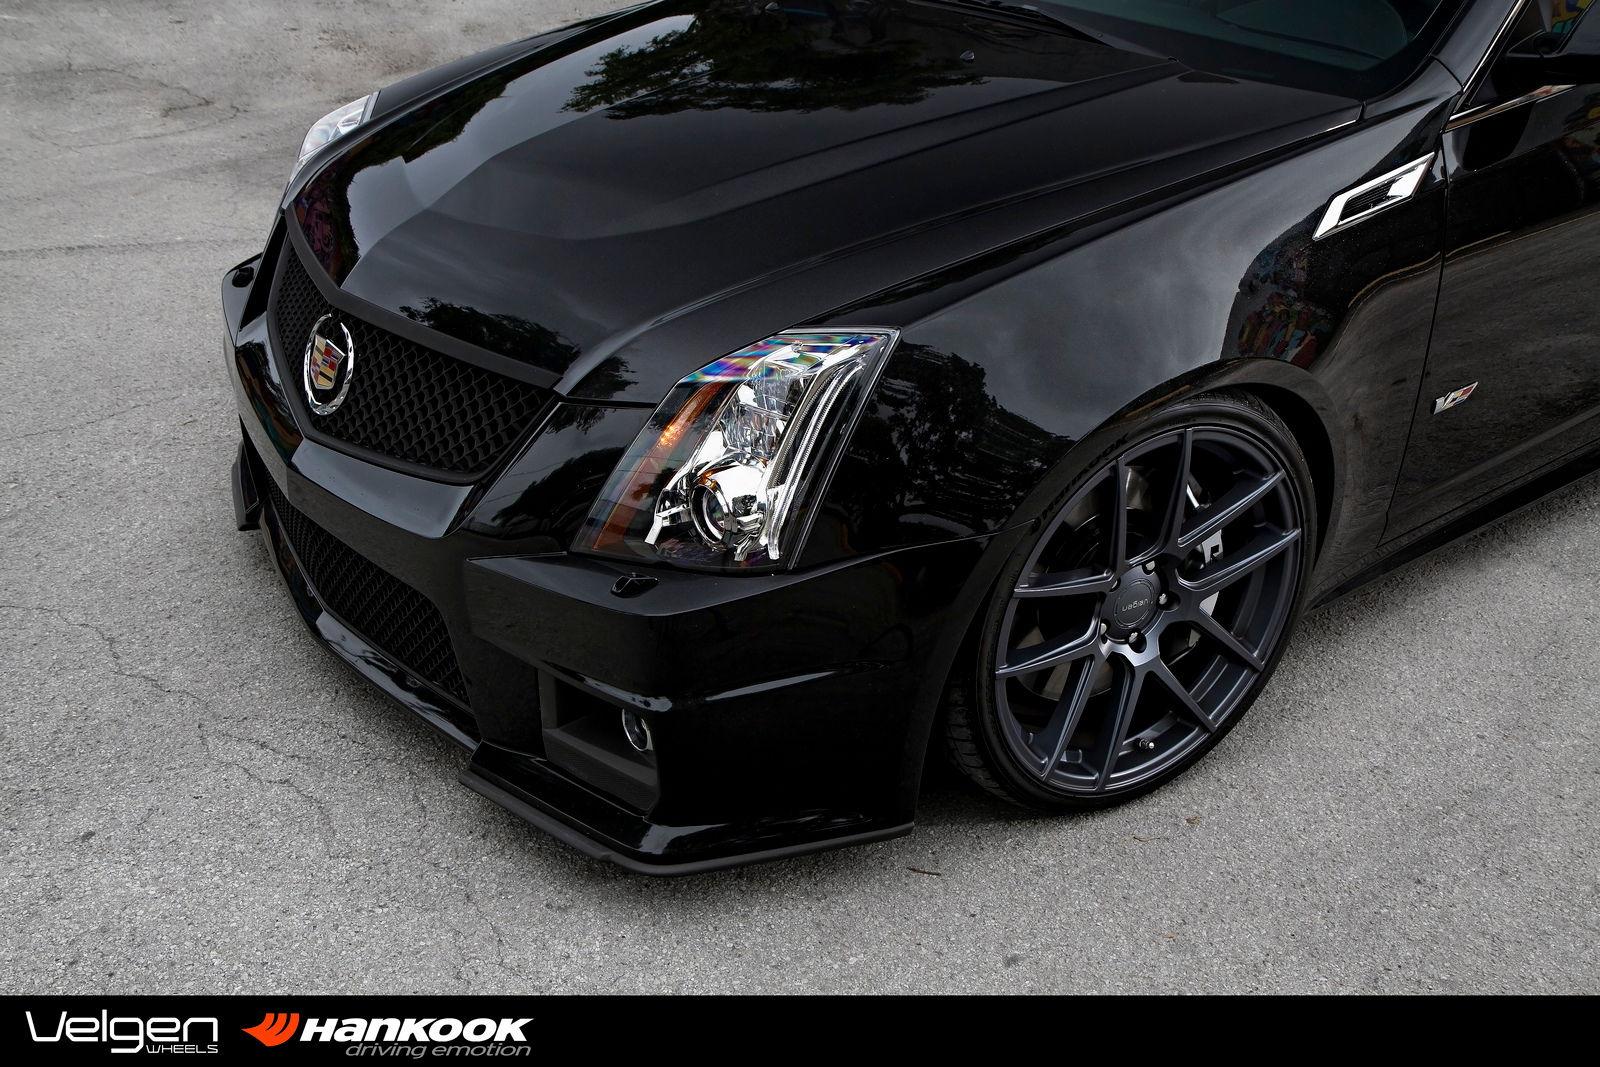 Cadillac CTS-V on Velgen Wheels VMB5 - Teamspeed.com